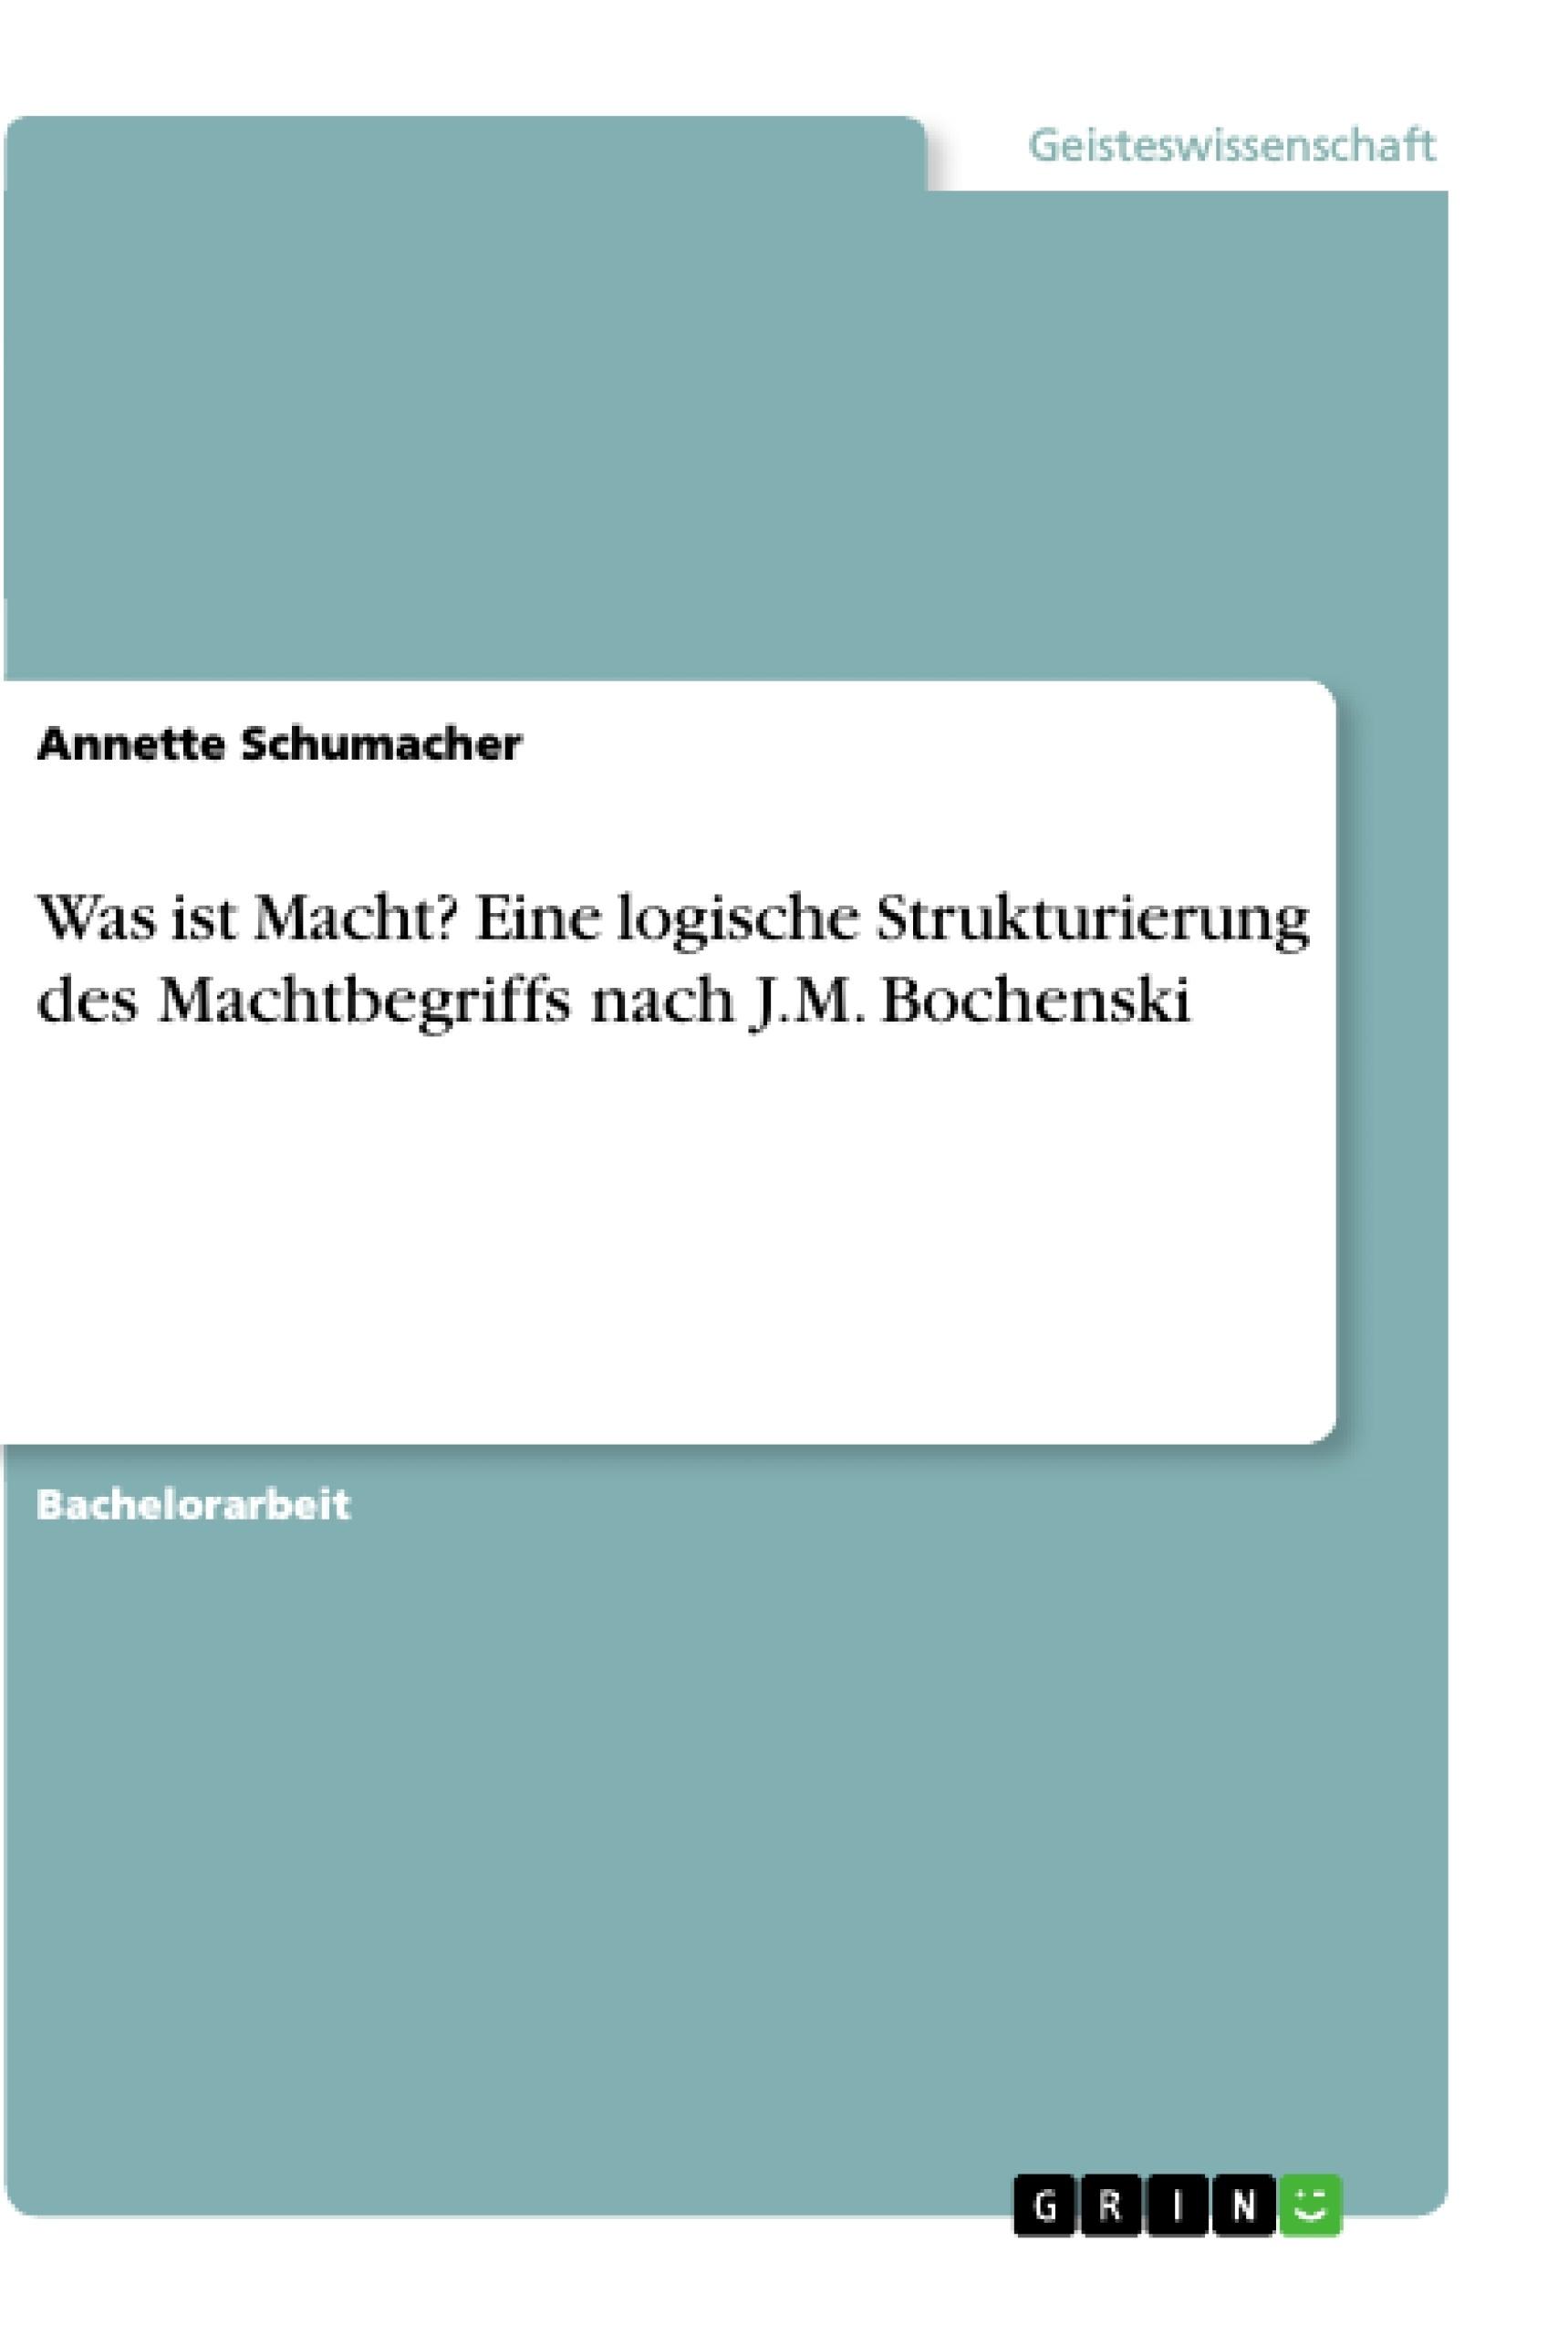 Titel: Was ist Macht? Eine logische Strukturierung des Machtbegriffs nach  J.M. Bochenski